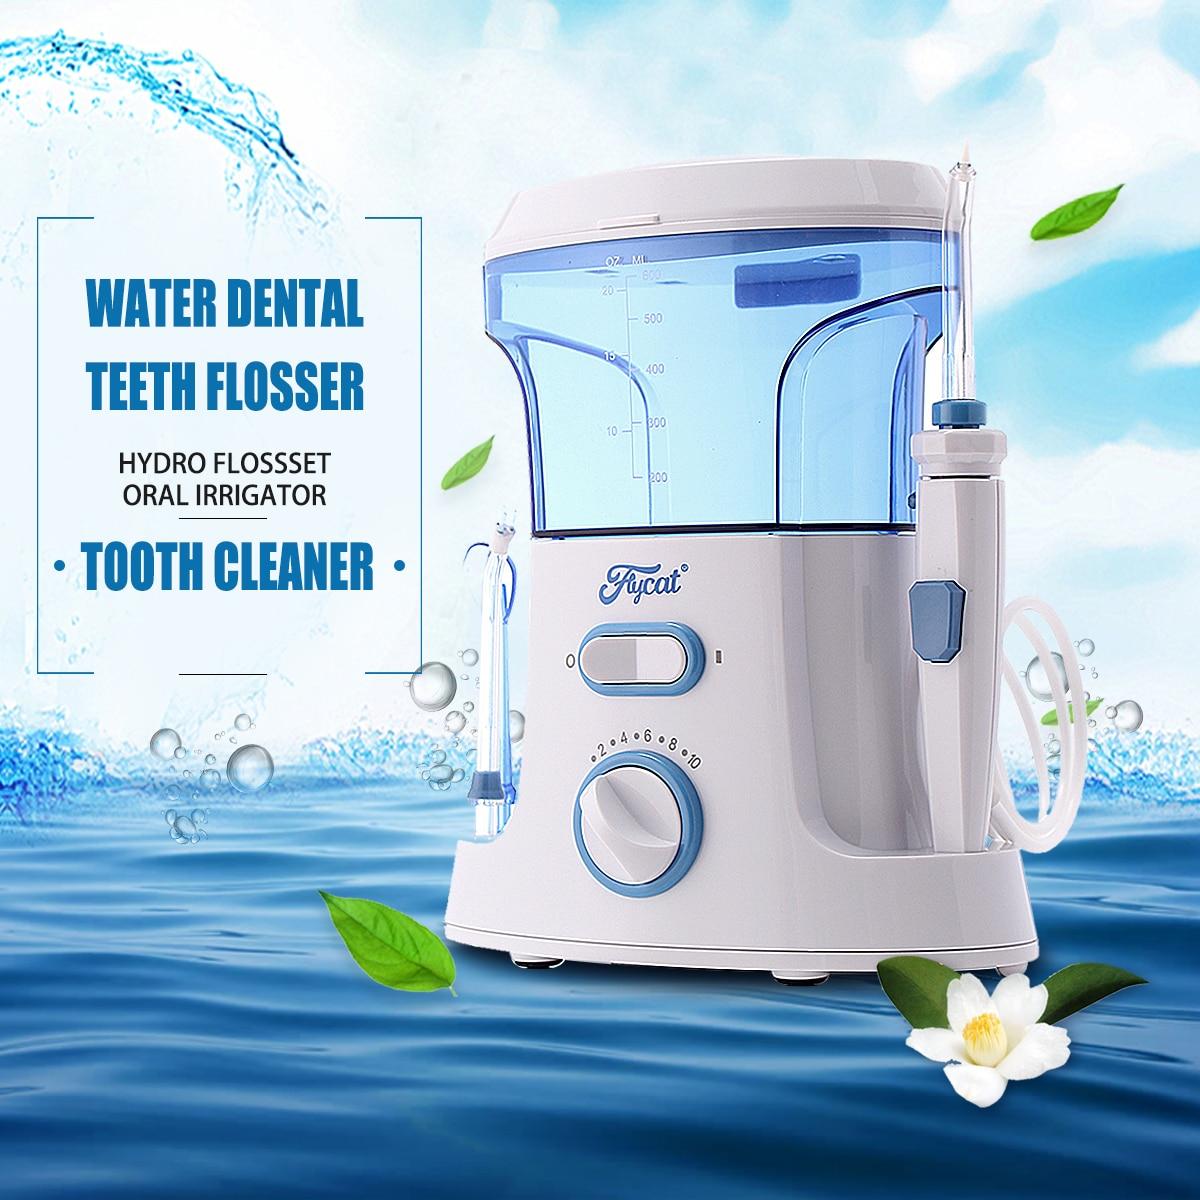 1 pcs Oral Irrigateur Dentaire Flosser D'eau Soie Dentaire Eau Irrigator cure-Dent Dentaire Jet D'eau Orale Dents Soins 600 ml